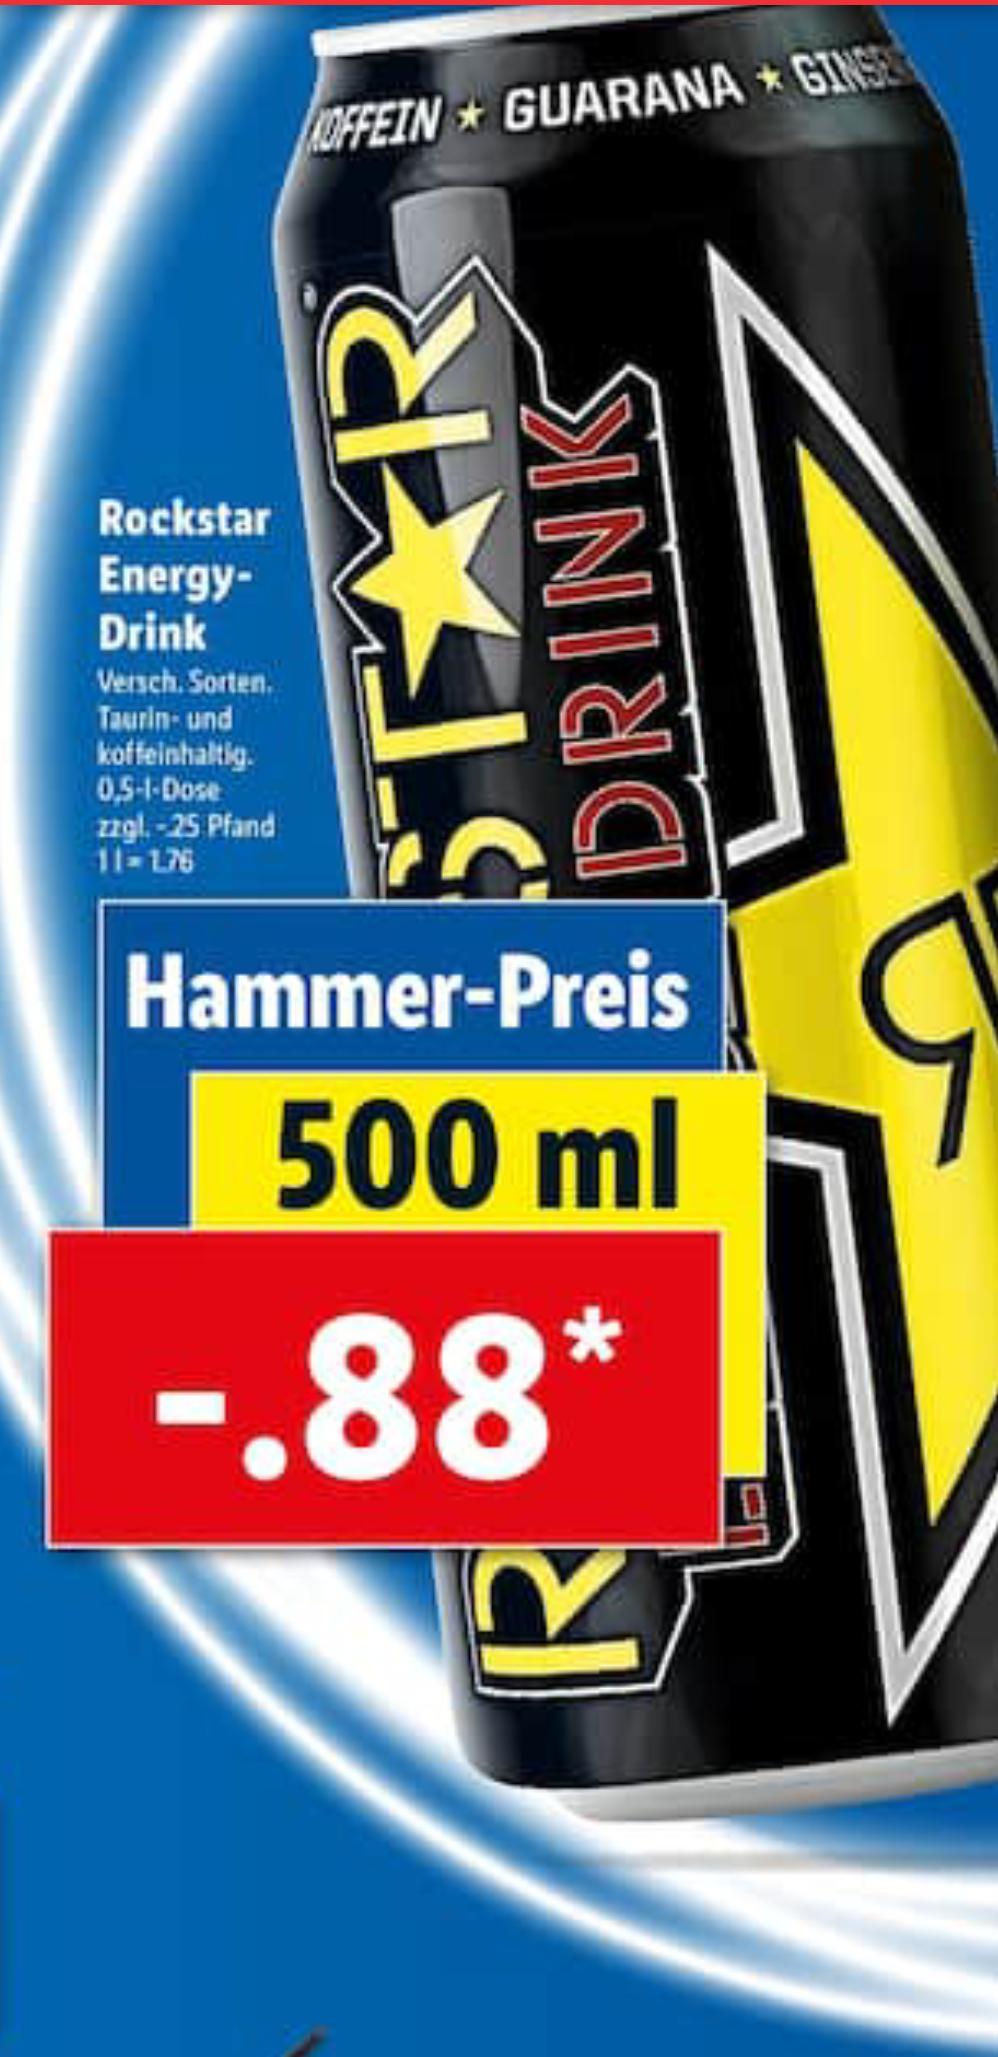 [Lidl] Rockstar Energy Drink 0,5l verschiedenen Sorten